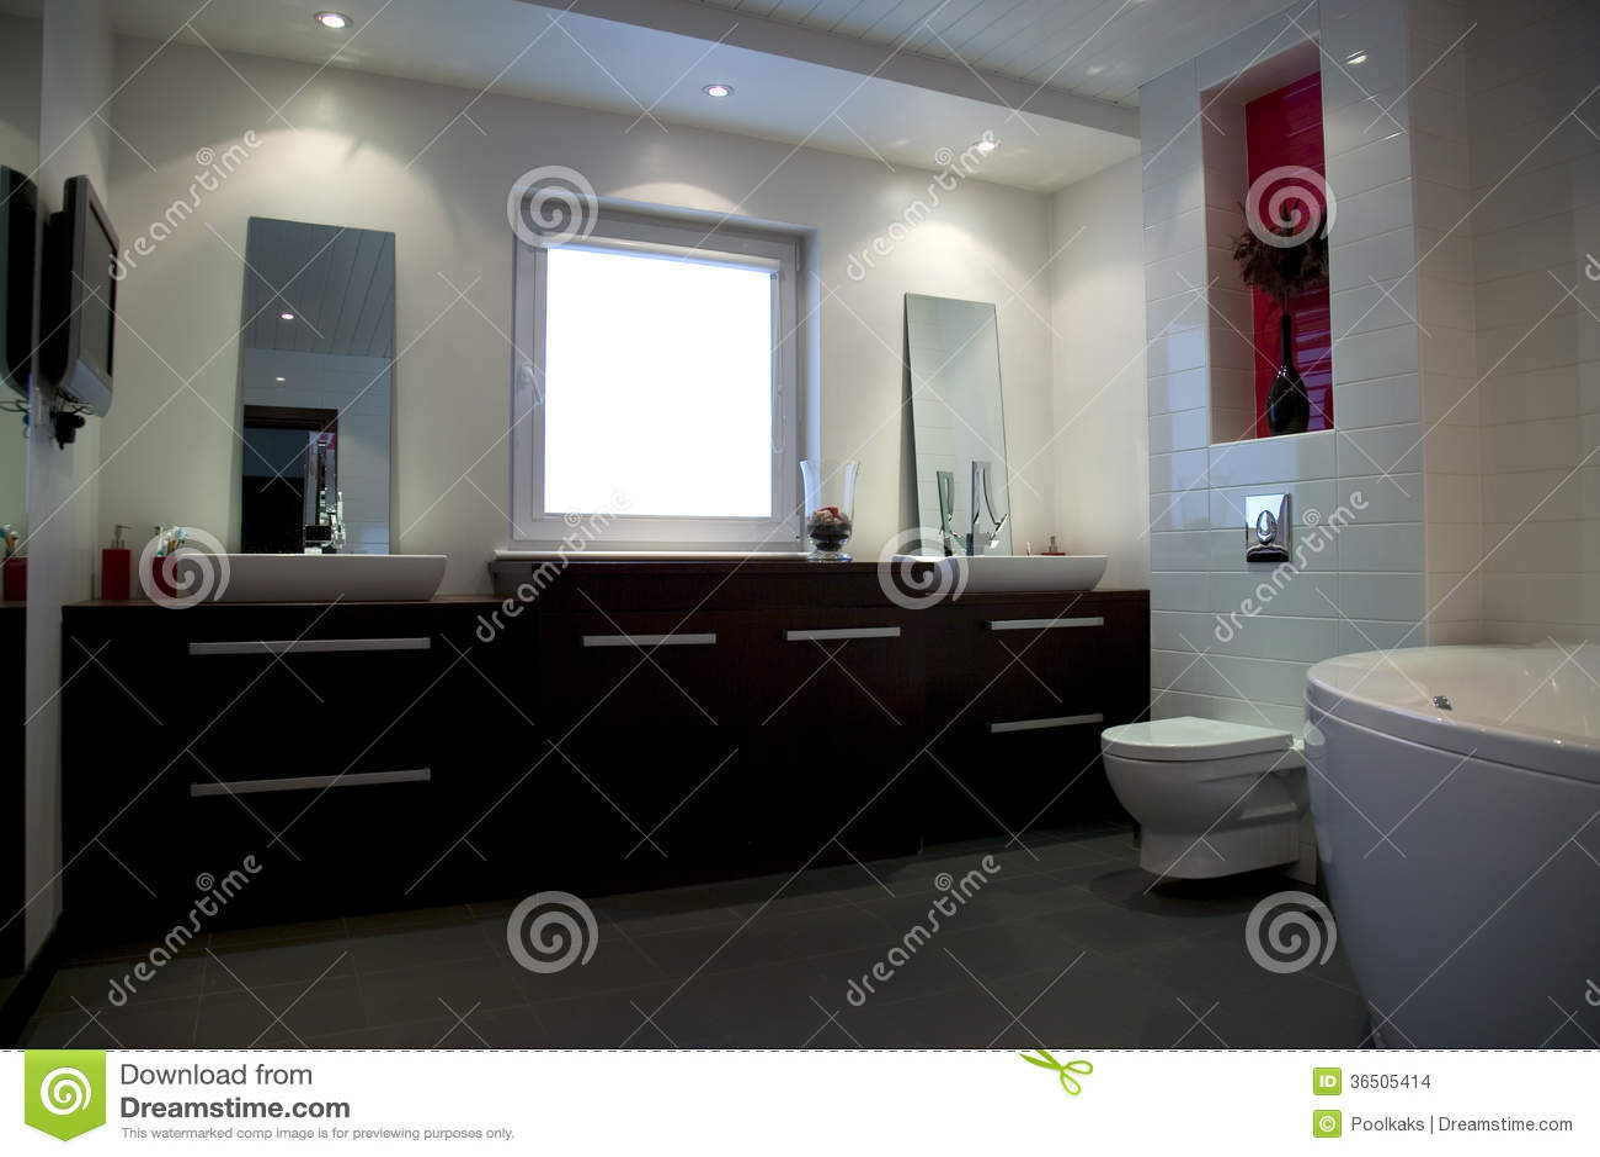 Armarios De Baño Modernos:Cuarto de baño blanco grande moderno con muebles y el baño marrones